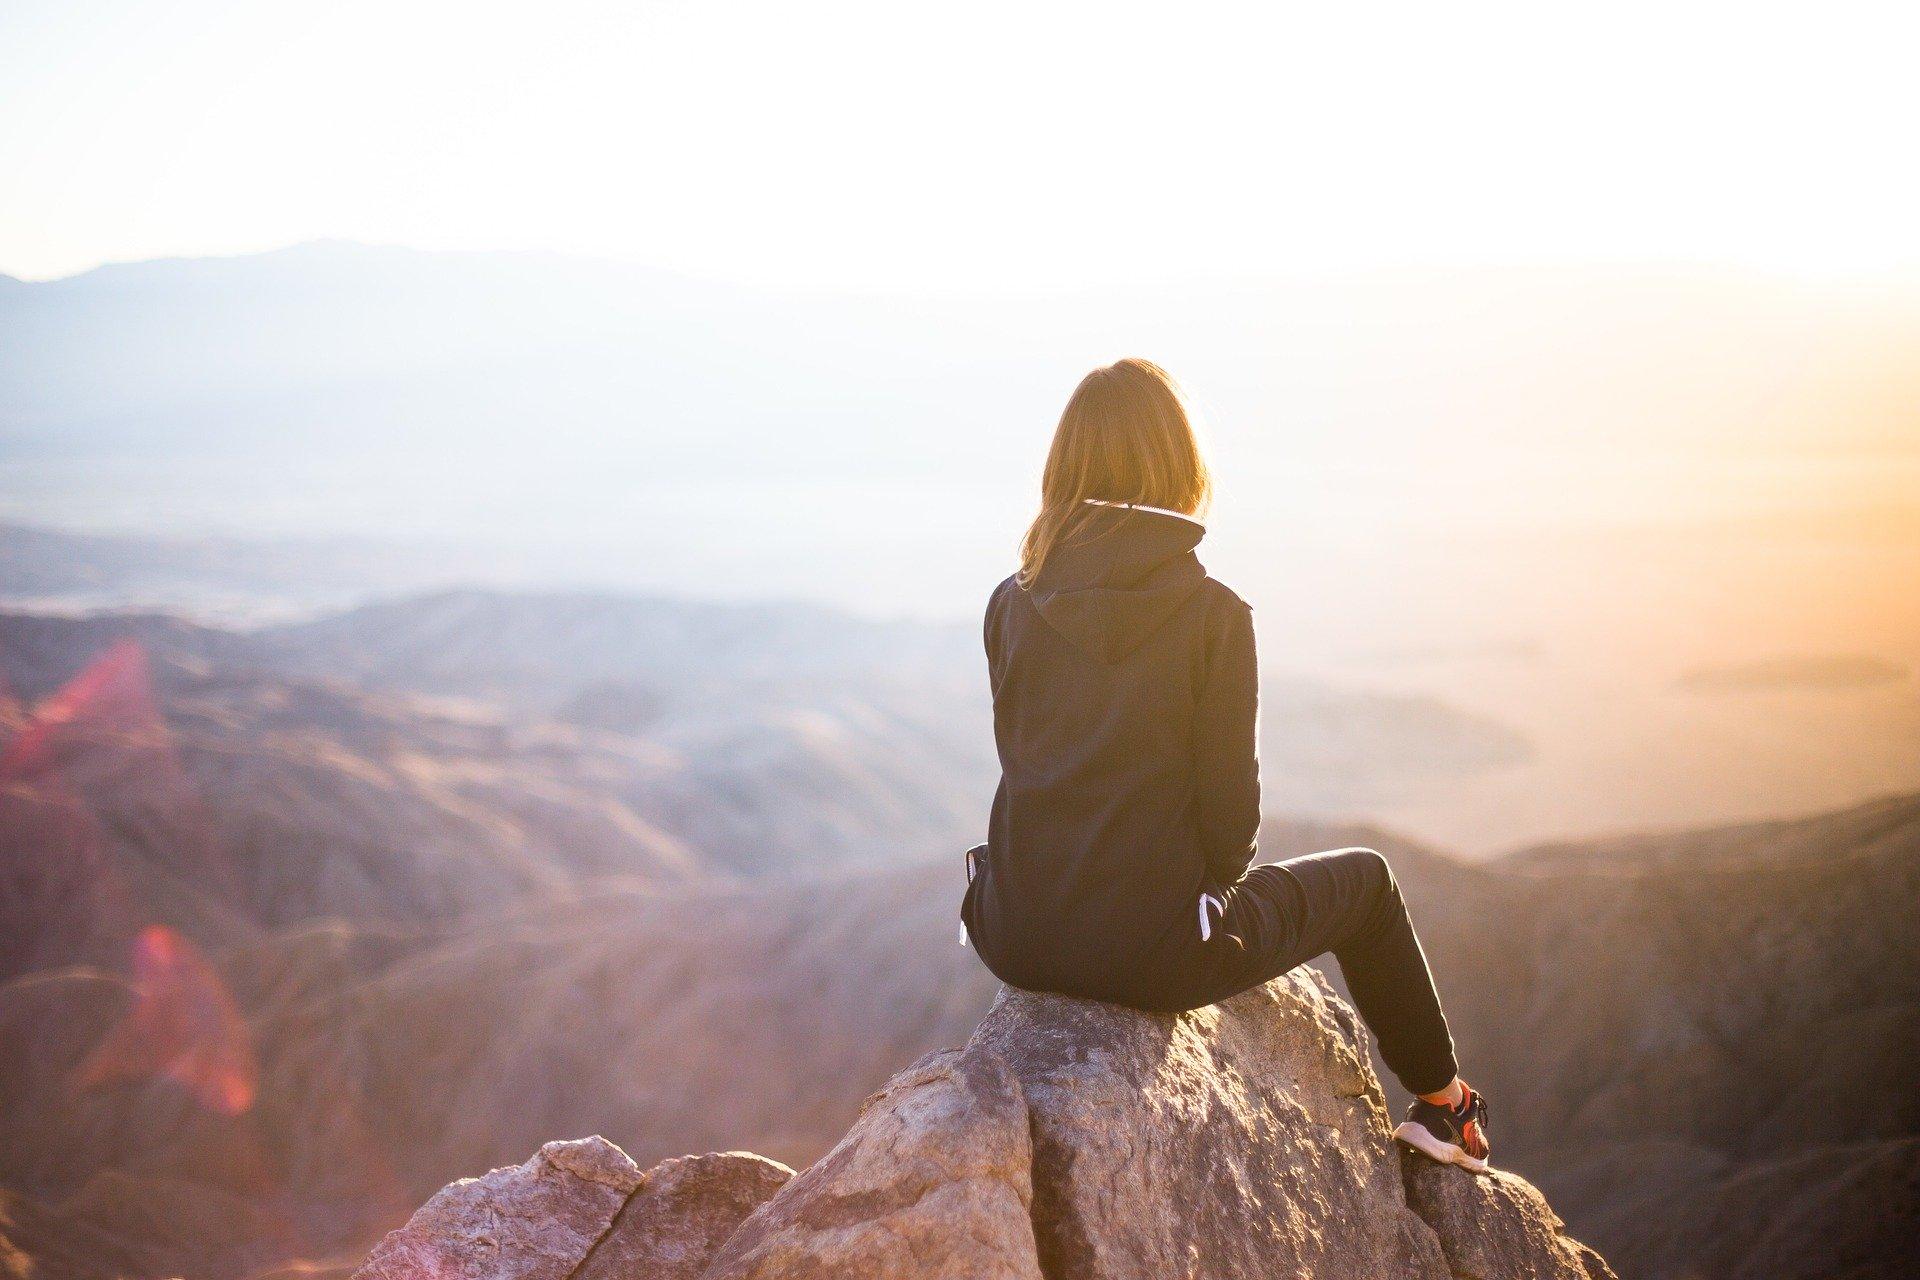 pige på toppen af et bjerg